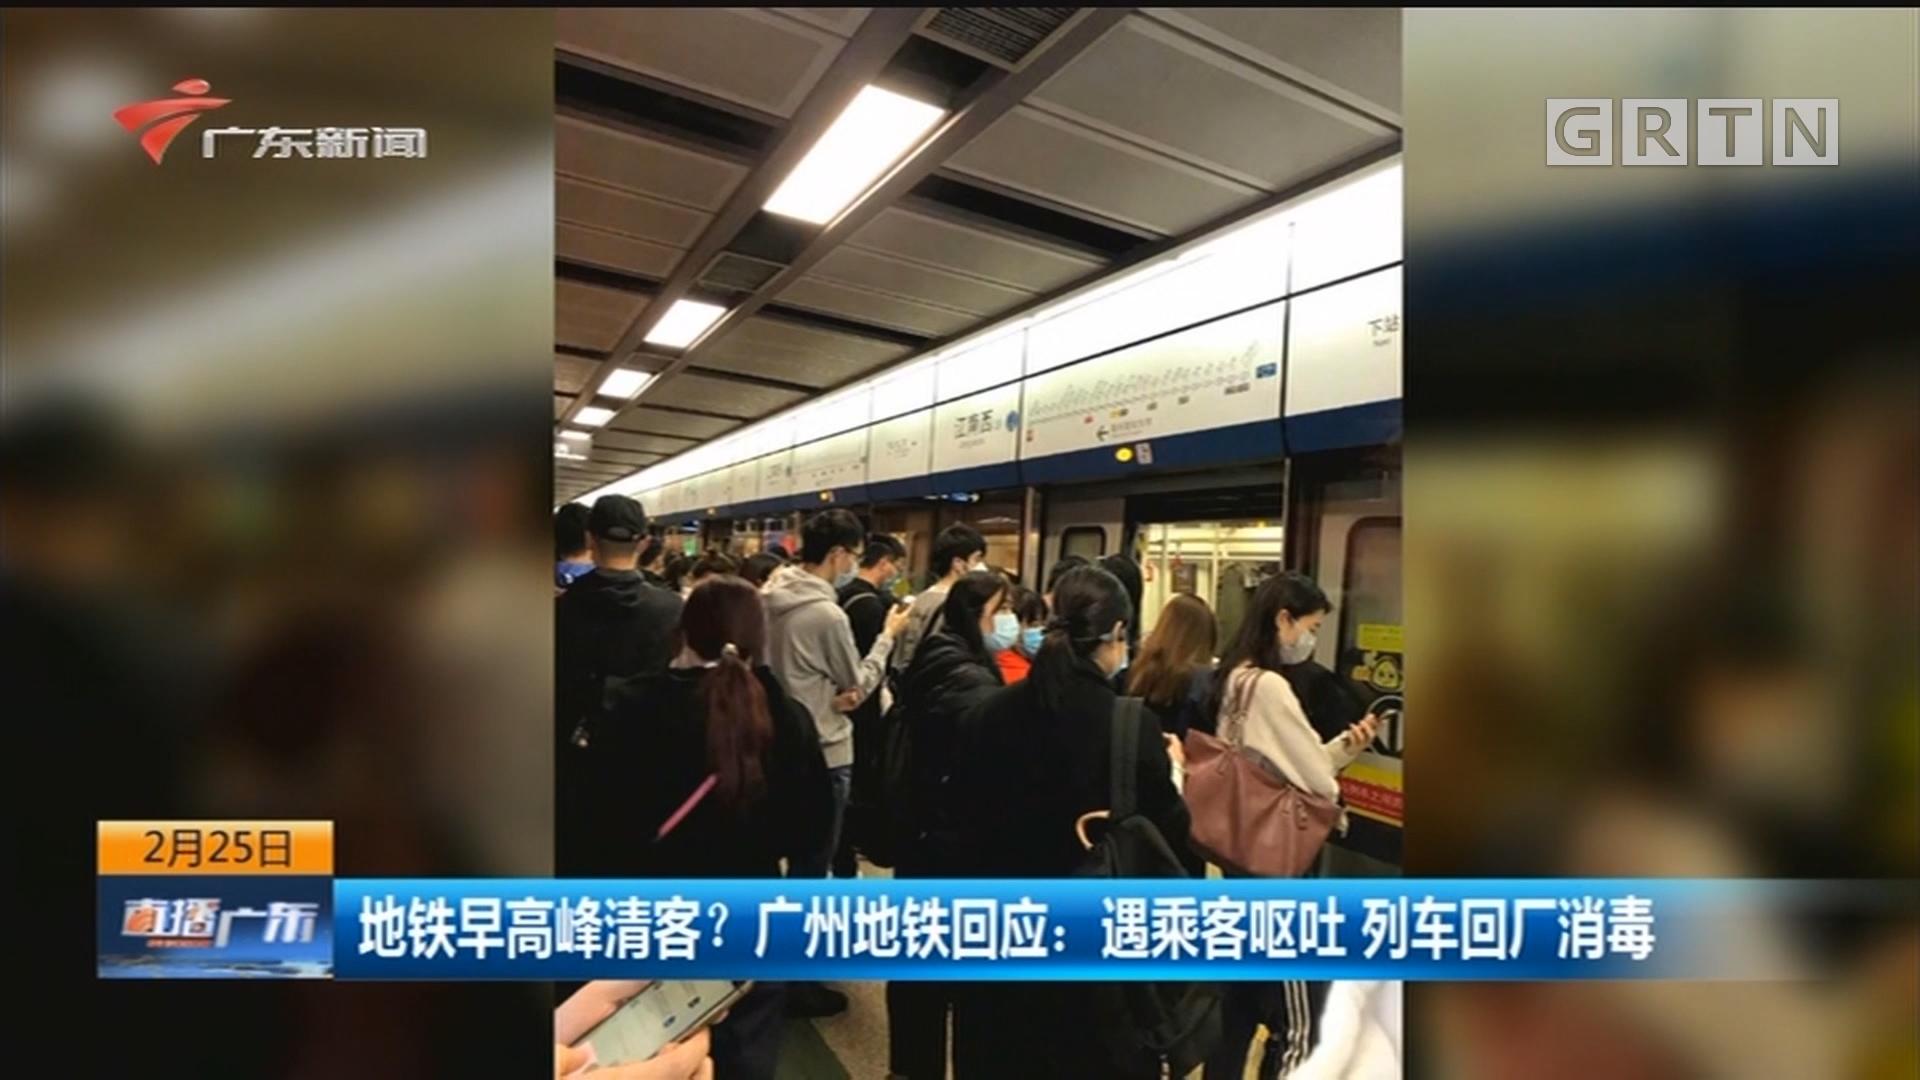 地铁早高峰清客?广州地铁回应:遇乘客呕吐 列车回厂消毒